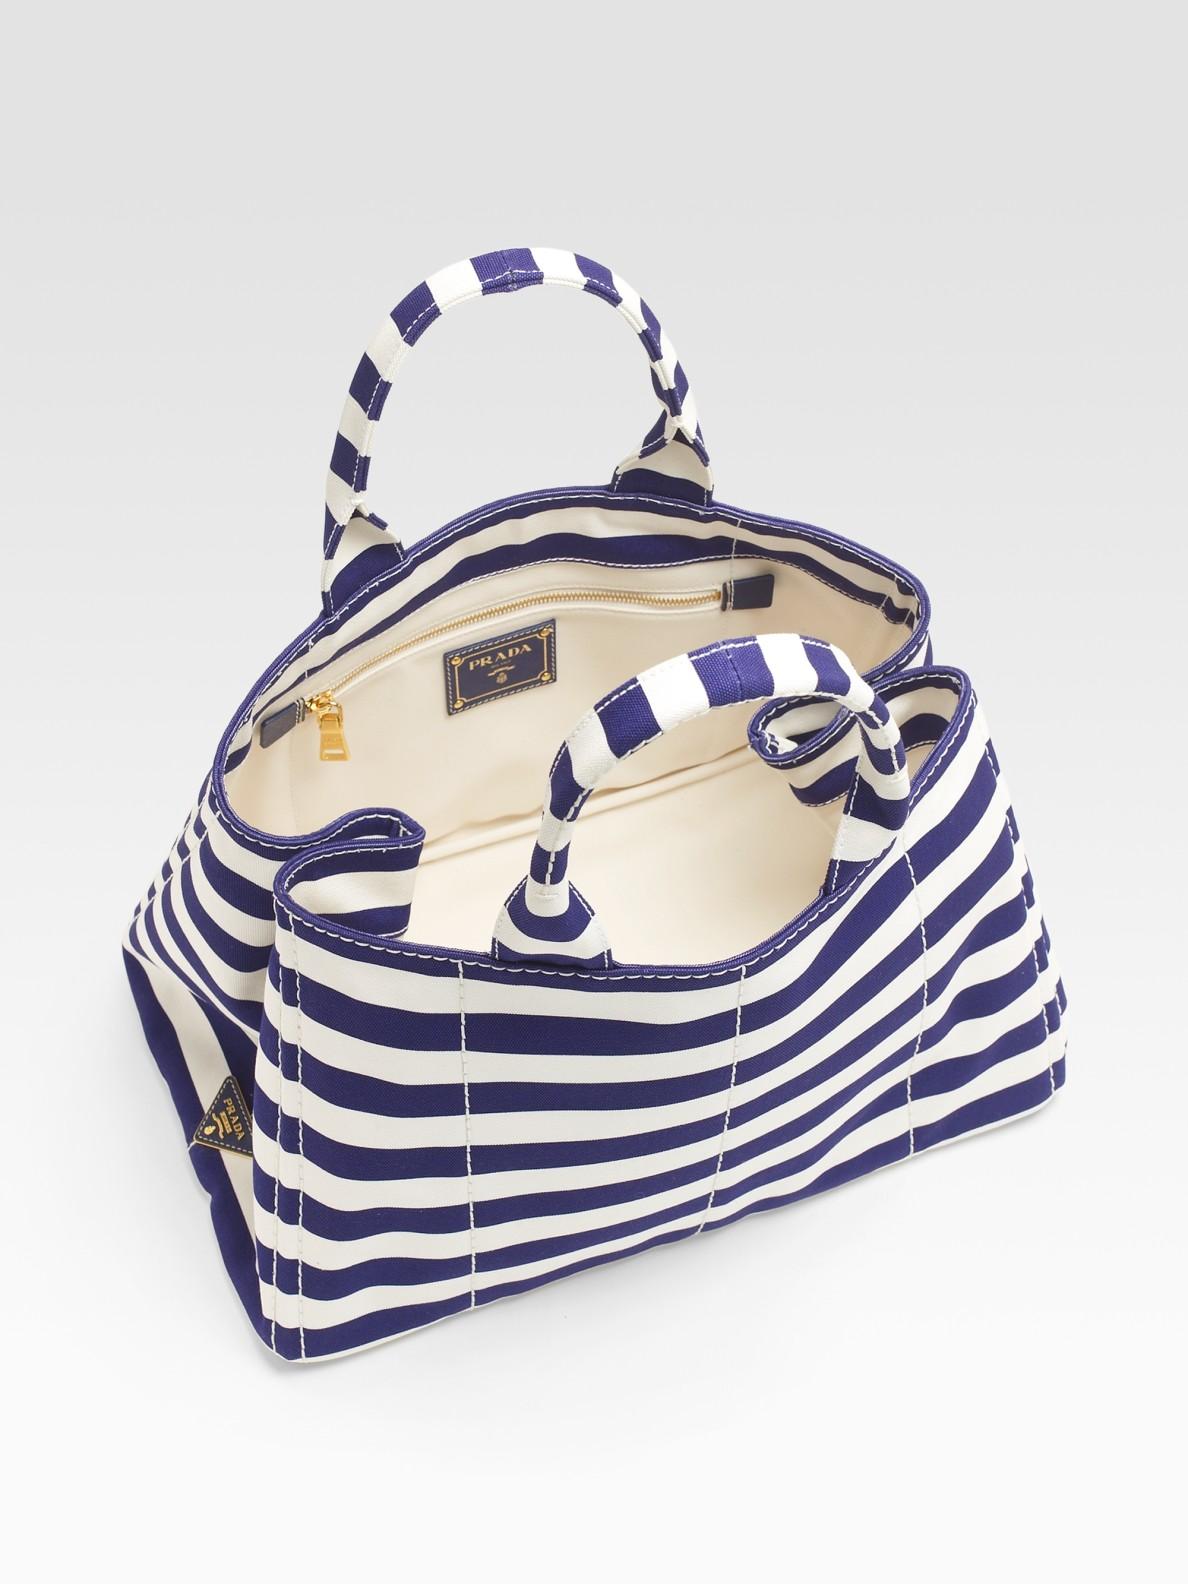 czech lyst prada stripe canvas tote bag in blue 53fa4 e9bd5 ee41b143be263